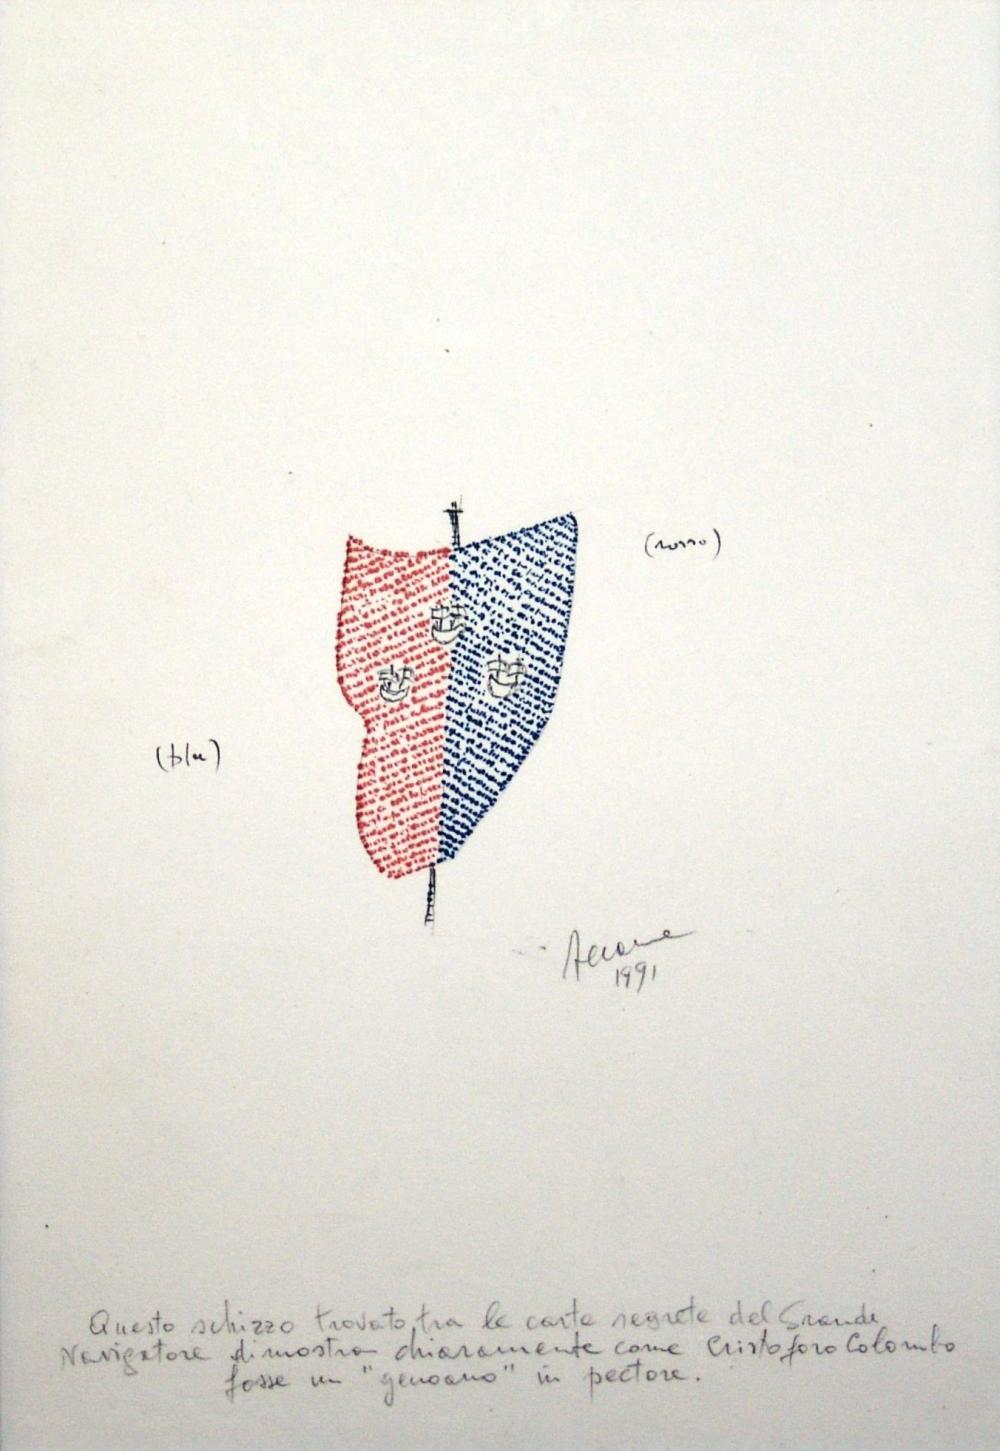 VINCENZO ACCAME (1932, Loano - 1999, Milano) [Italia] senza titolo, 1991